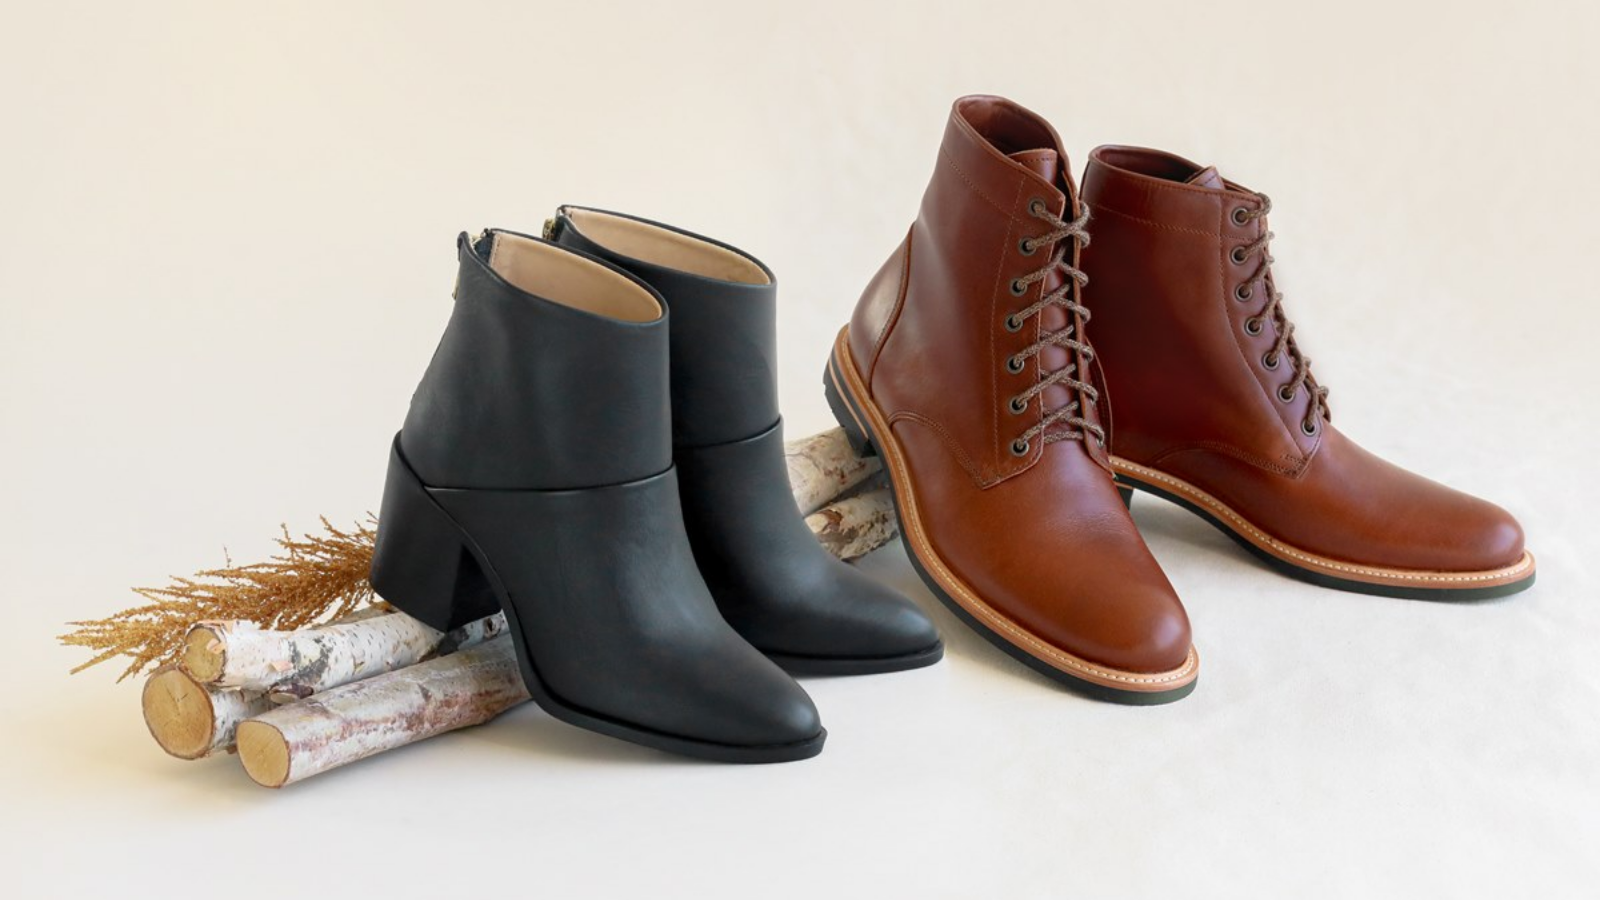 Cyber Monday 2020: The best shoe deals